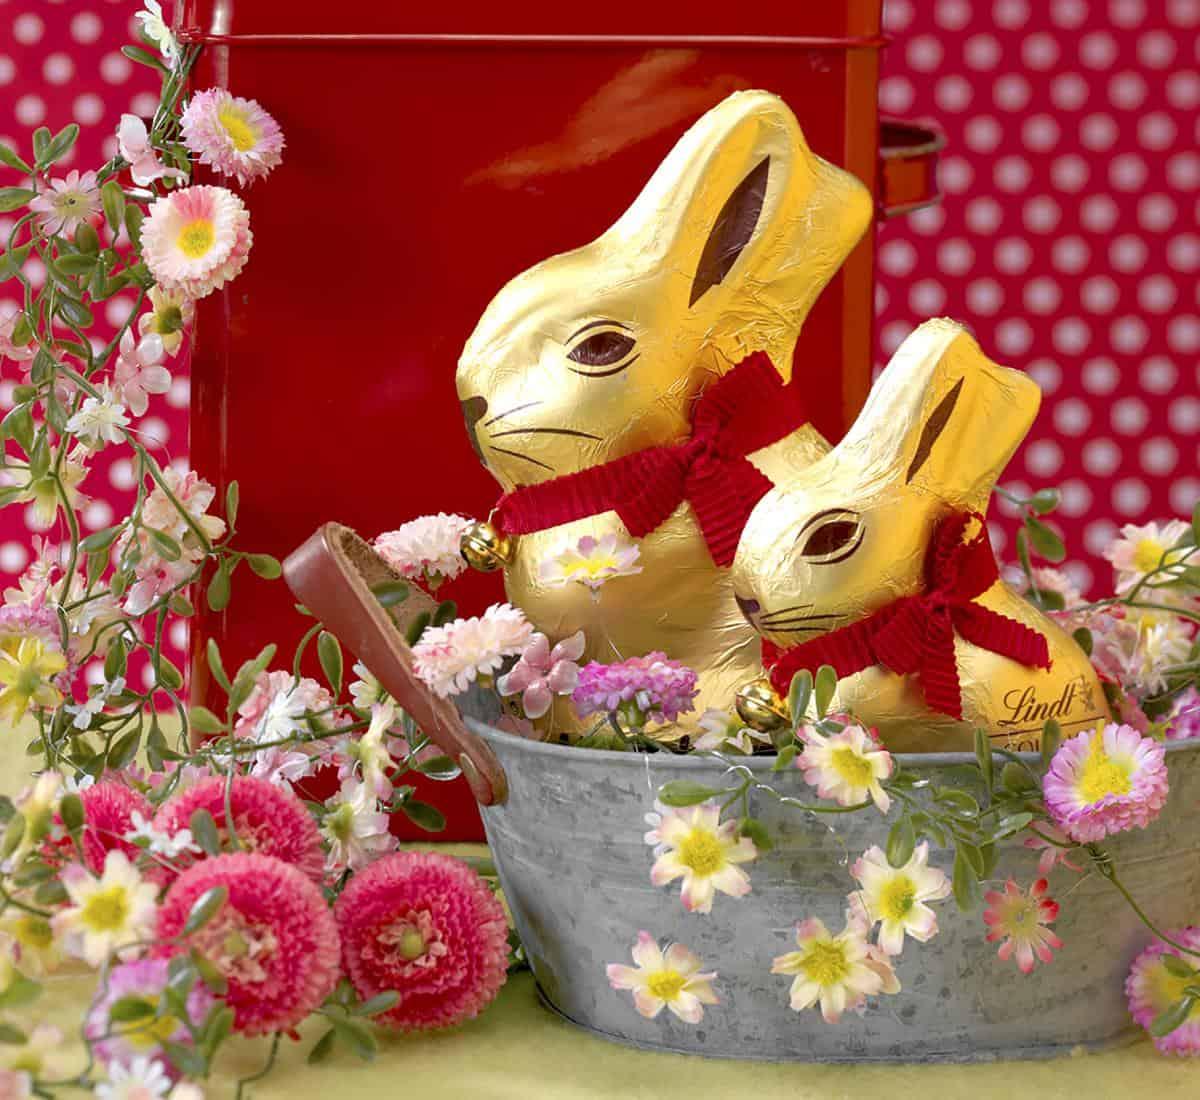 Der Goldhase aus dem Hause Lindt und Sprüngli wünscht frohe Ostern